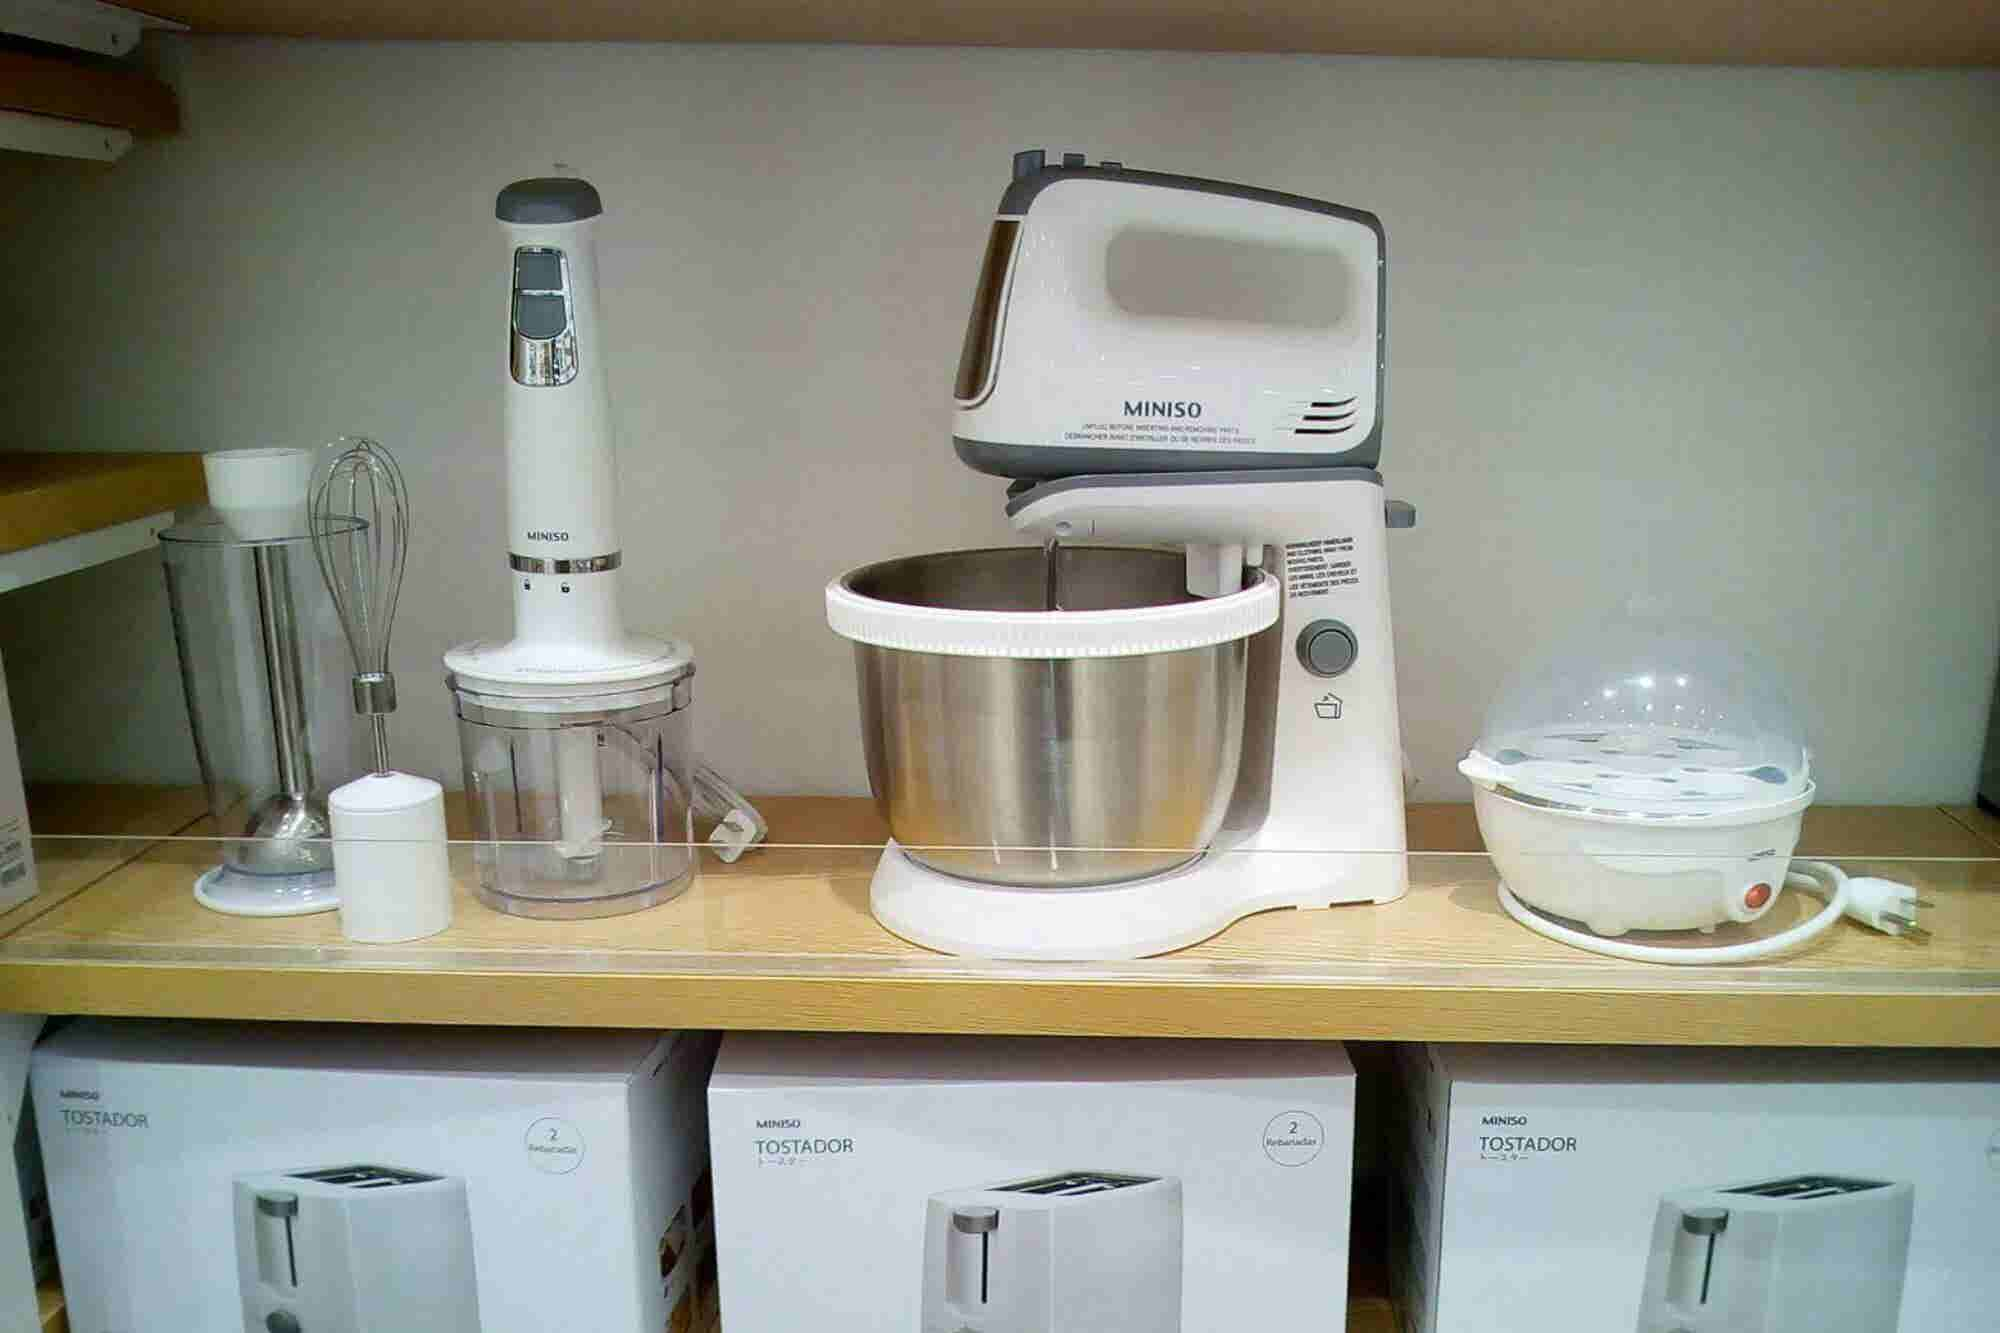 Miniso da la bienvenida a los electrodomésticos